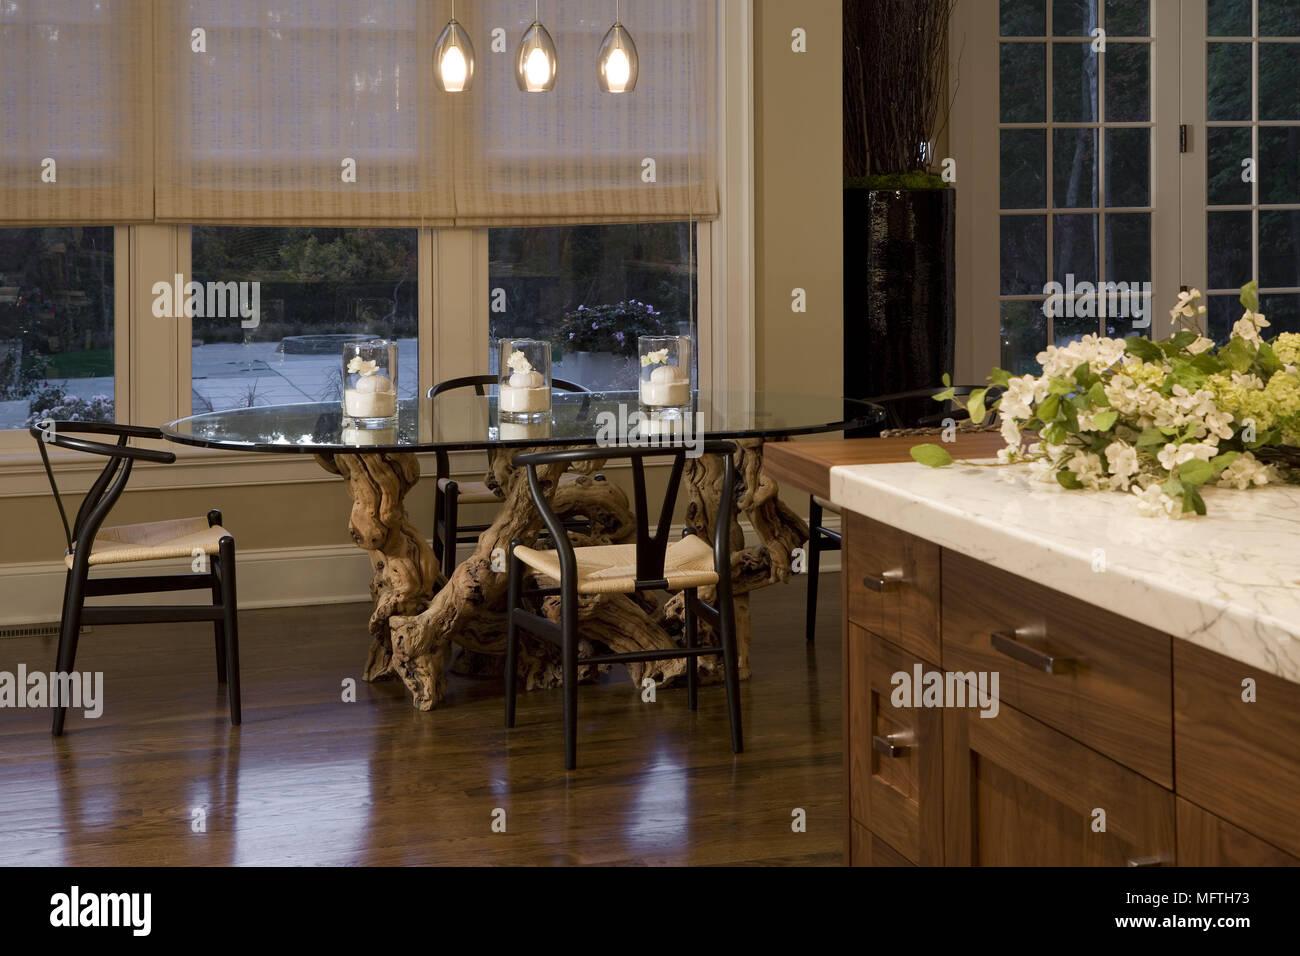 Legno Scuro E Sedie A Ripiano In Vetro Tavolo Ovale Nella Moderna Cucina Con Area Da Pranzo Foto Stock Alamy